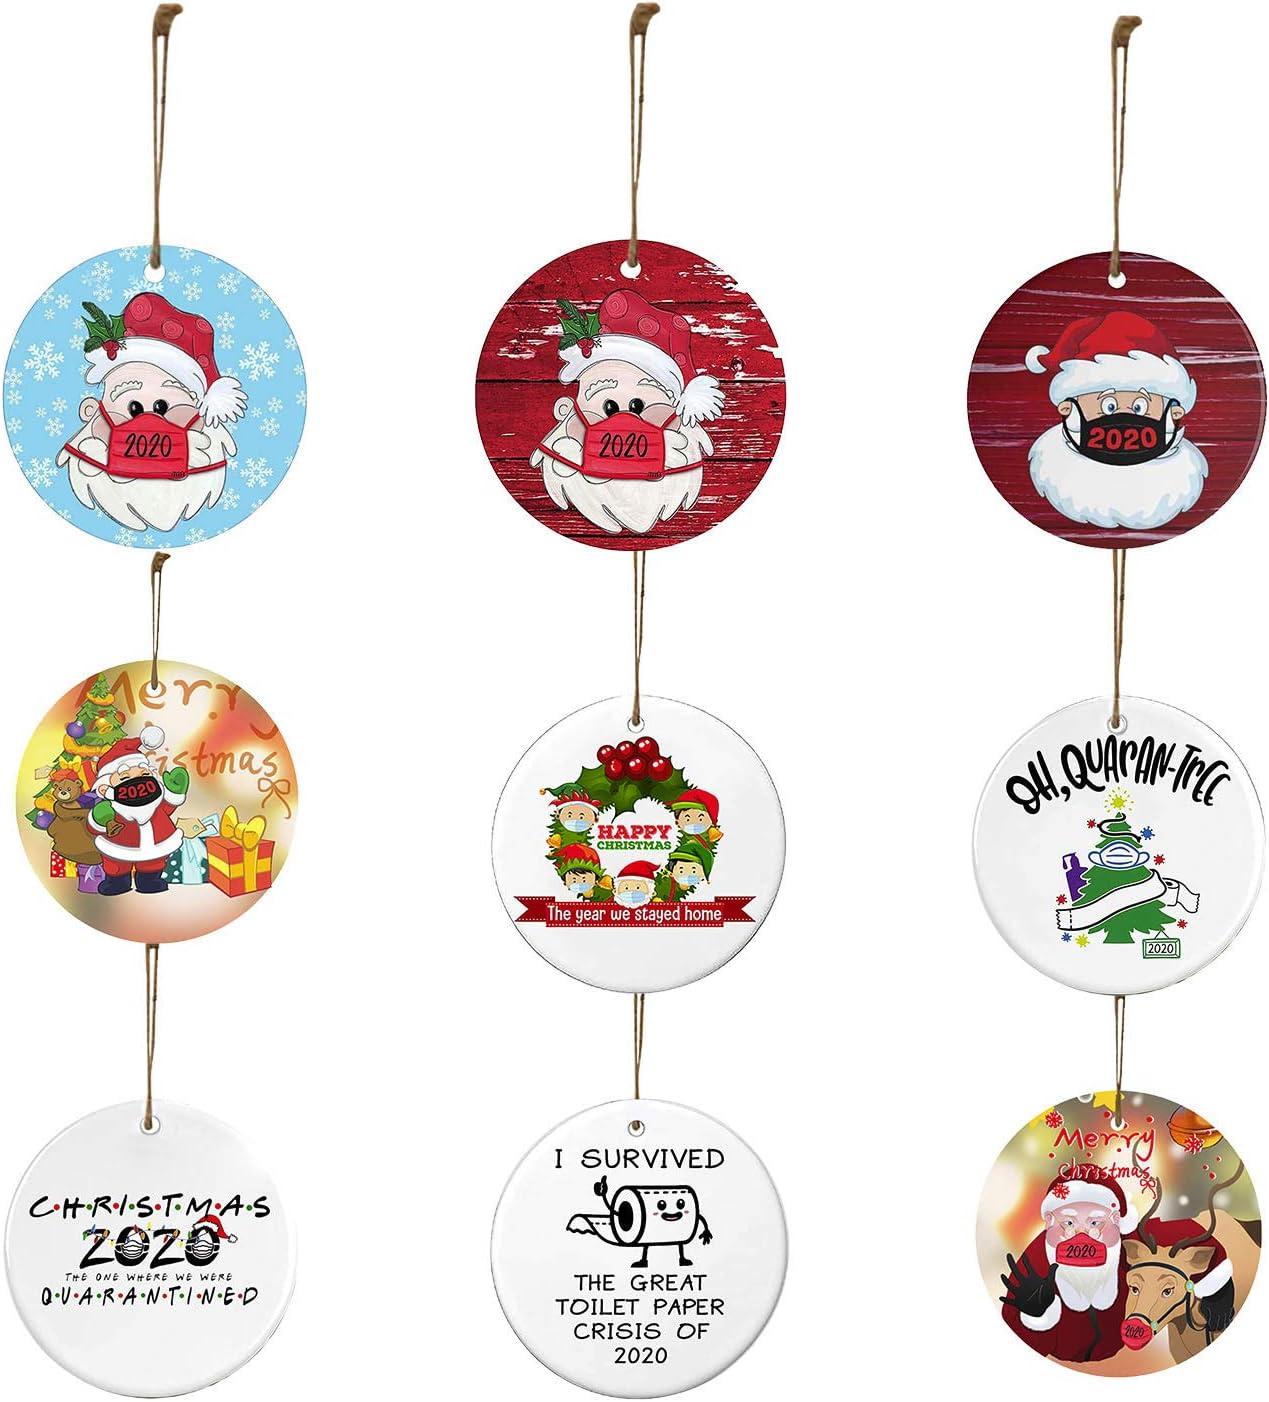 um Weihnachtsb/äume Schaufenster usw um die festliche Atmosph/äre von Weihnachten und farbgemischten Outfits hinzuzuf/ügen 9 St/ück Holzweihnachtsanh/änger k/önnen verwendet werden zu schm/ücken H